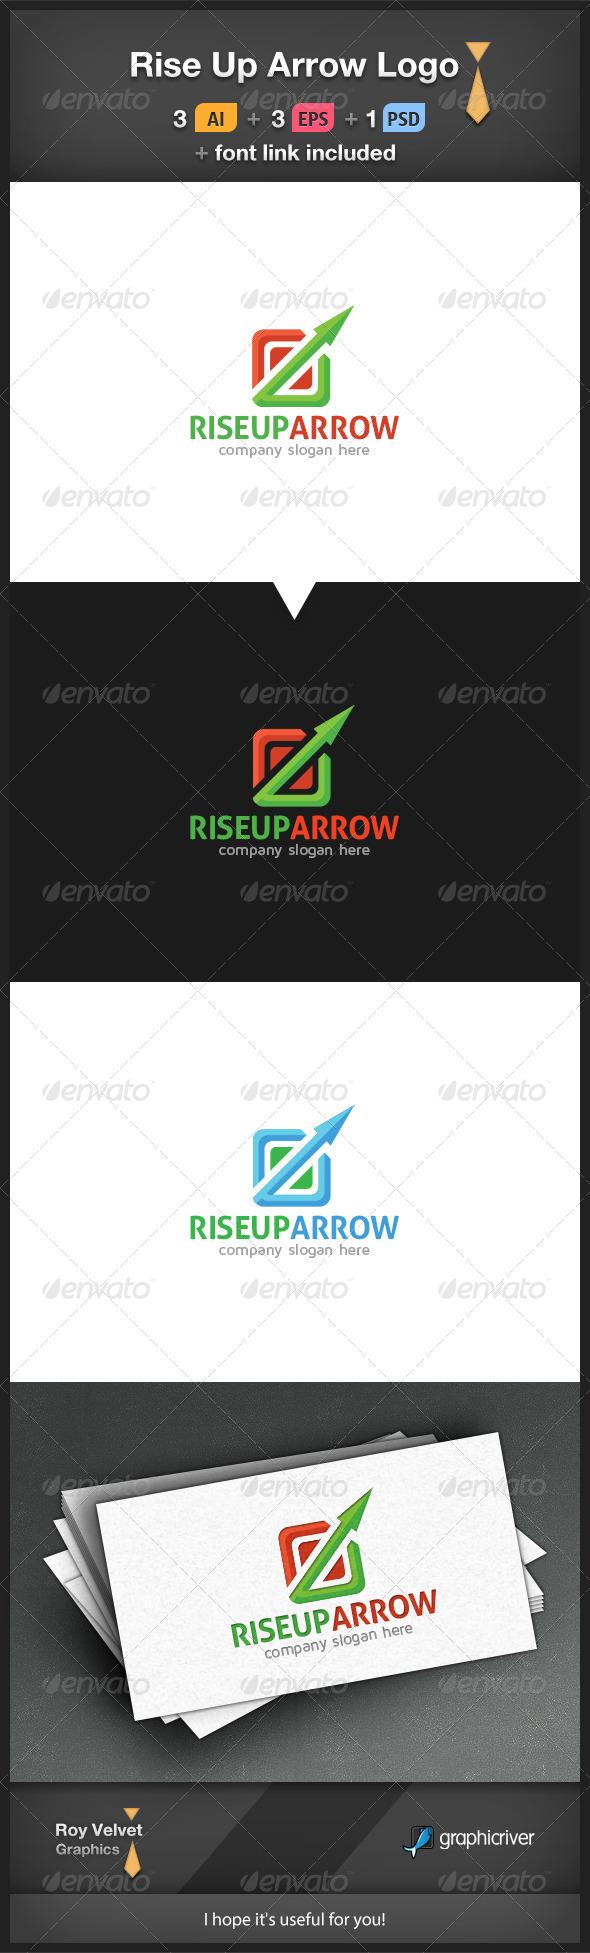 GraphicRiver Rise Up Arrow Logo 6276891